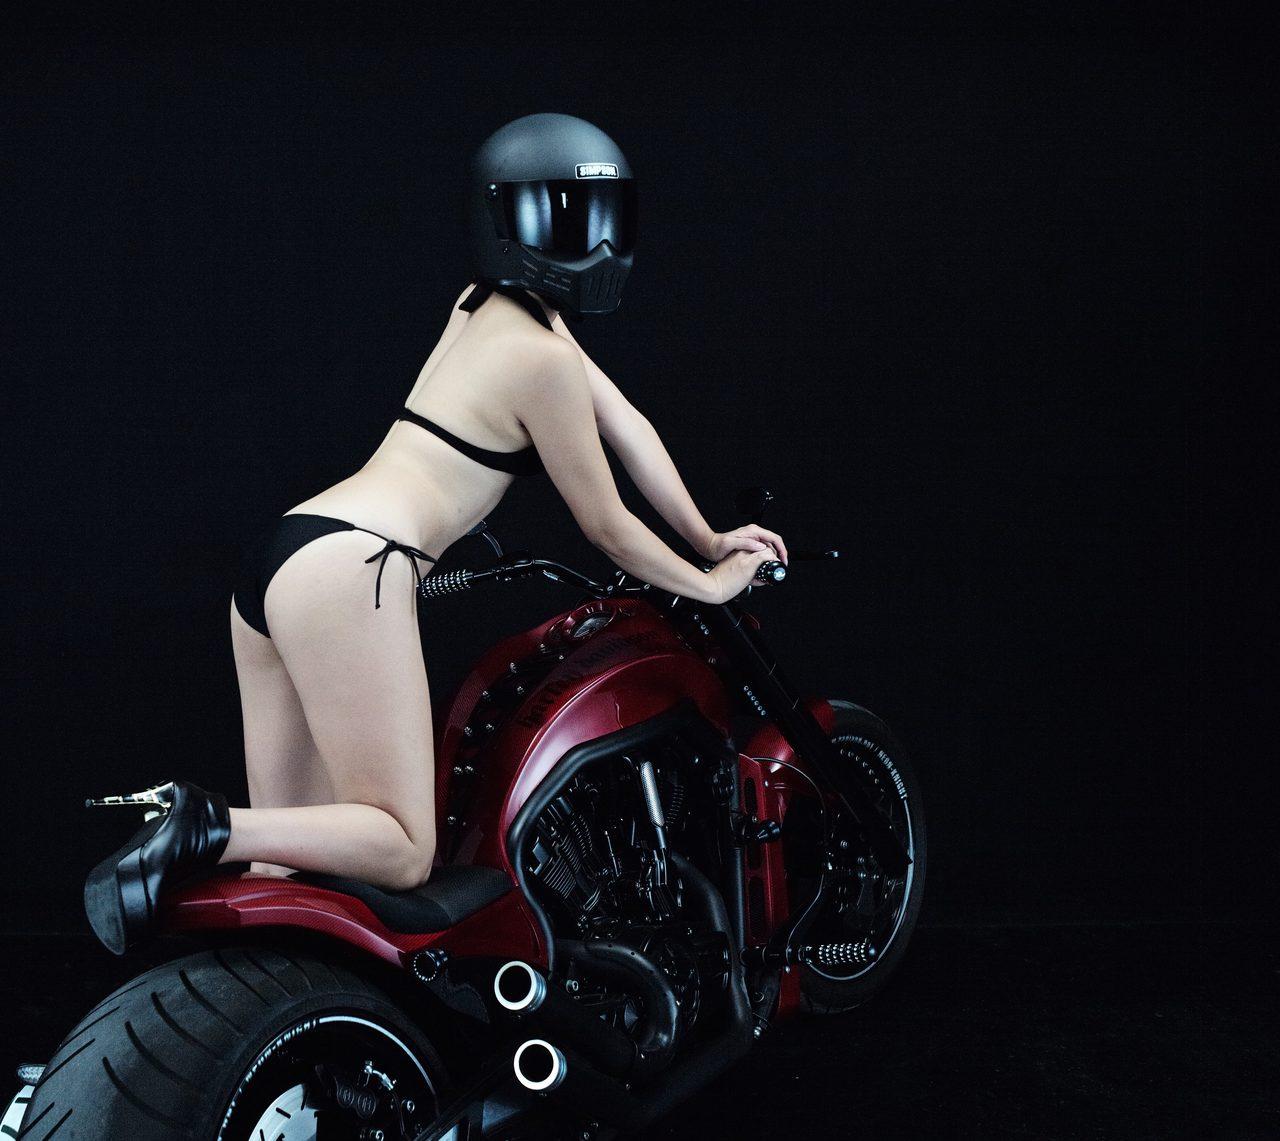 画像1: グラビア【ヘルメット女子】SEASON-XII 004 feat. BADLAND